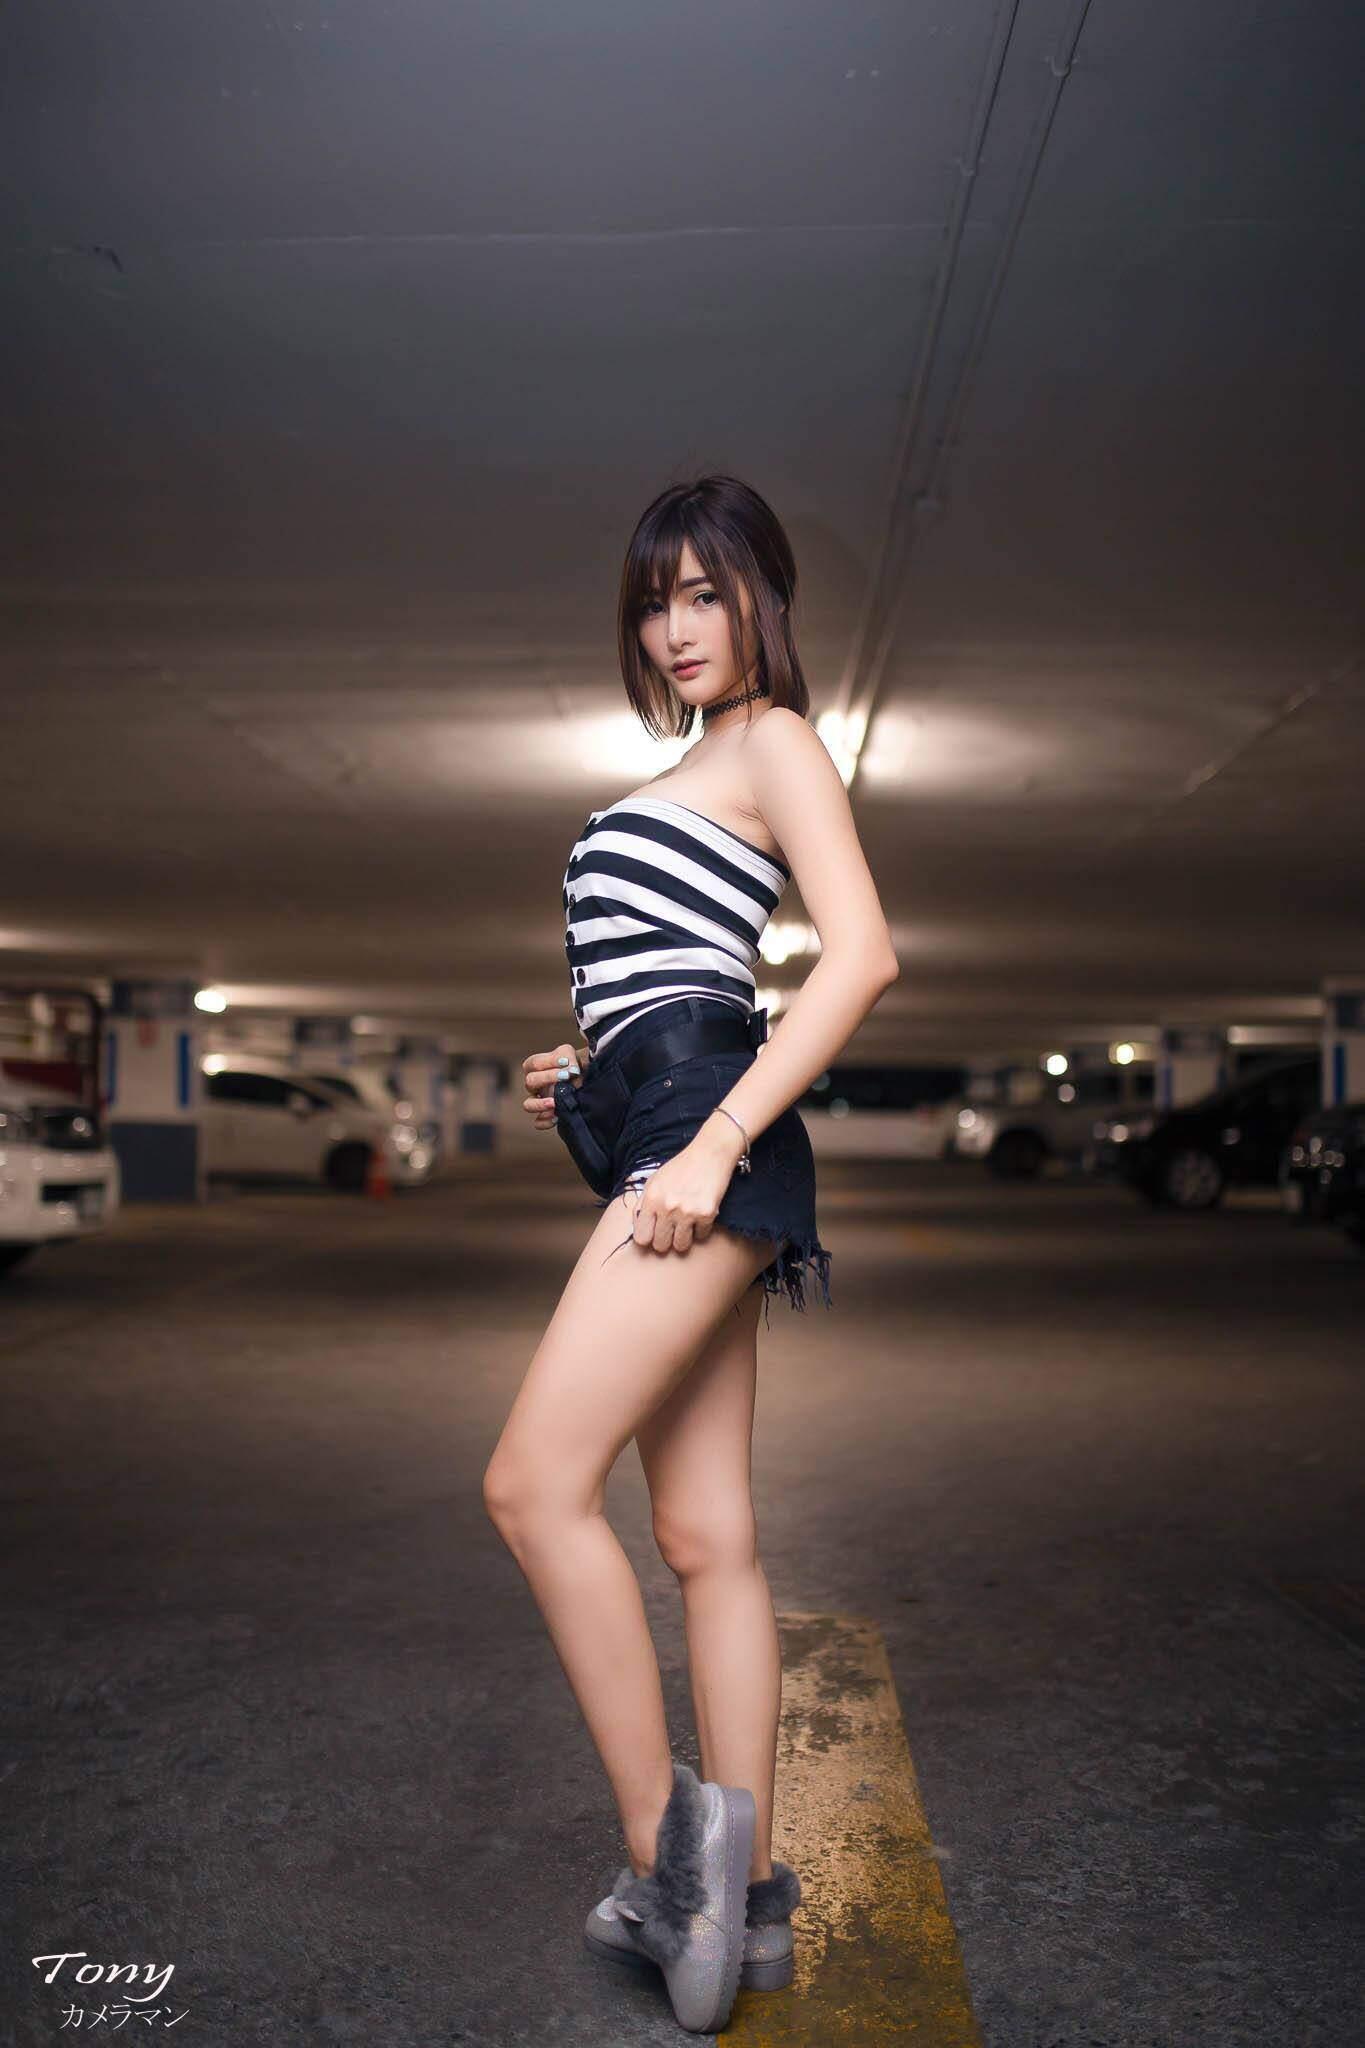 nguoi-dep-thai-lan-khoe-ve-sexy-trong-bai-do-xe